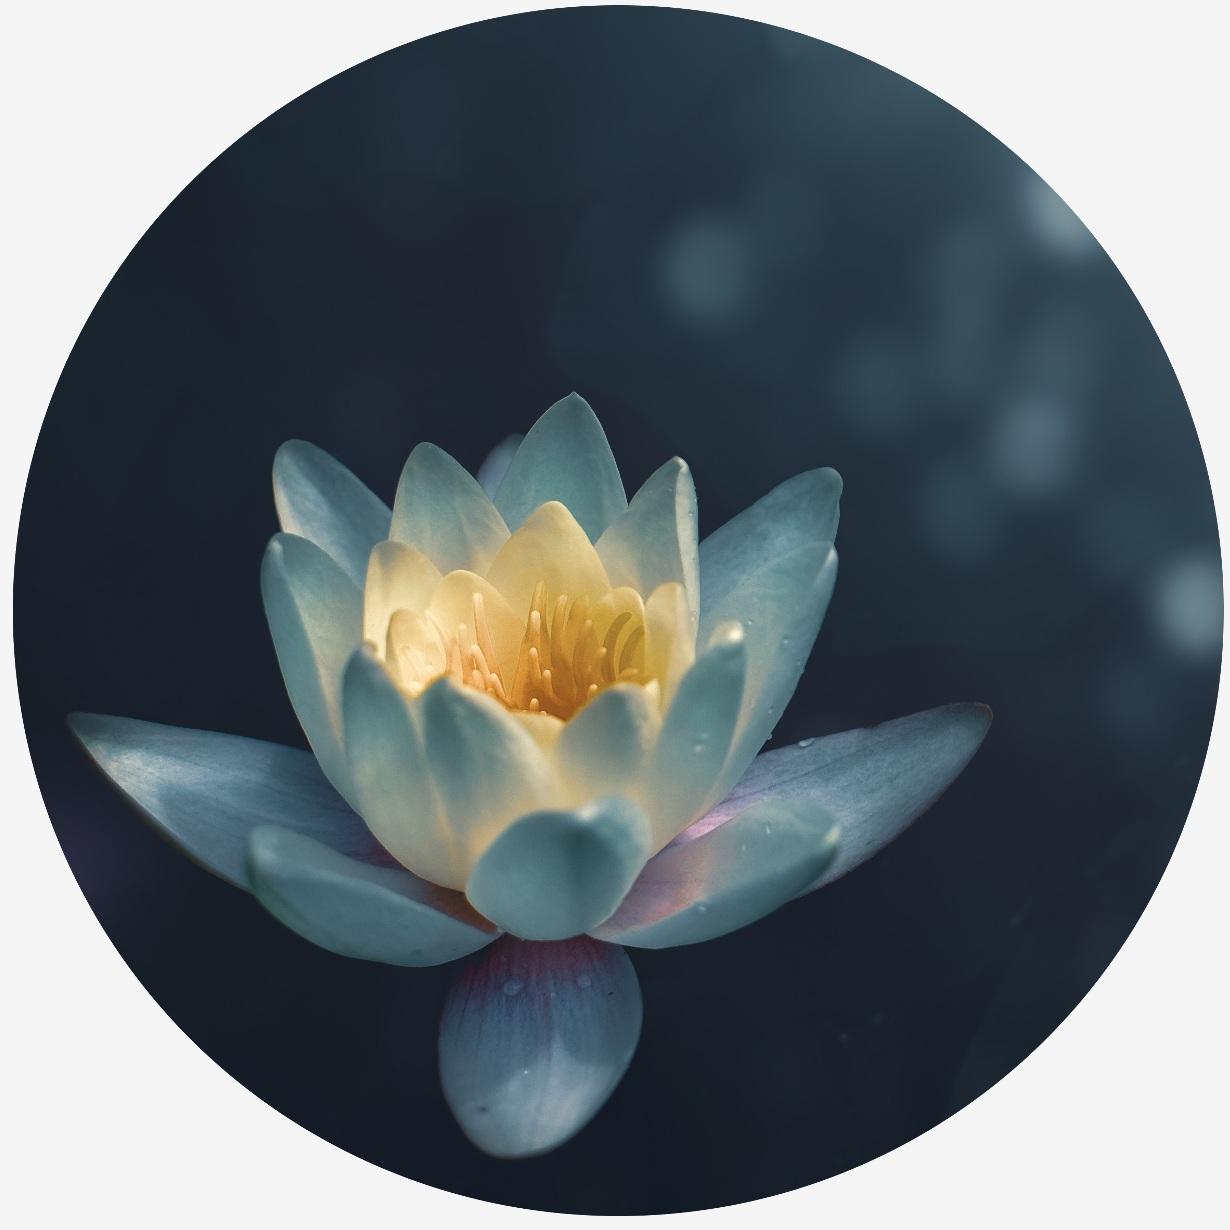 Flower+Circle+%281%29.jpg